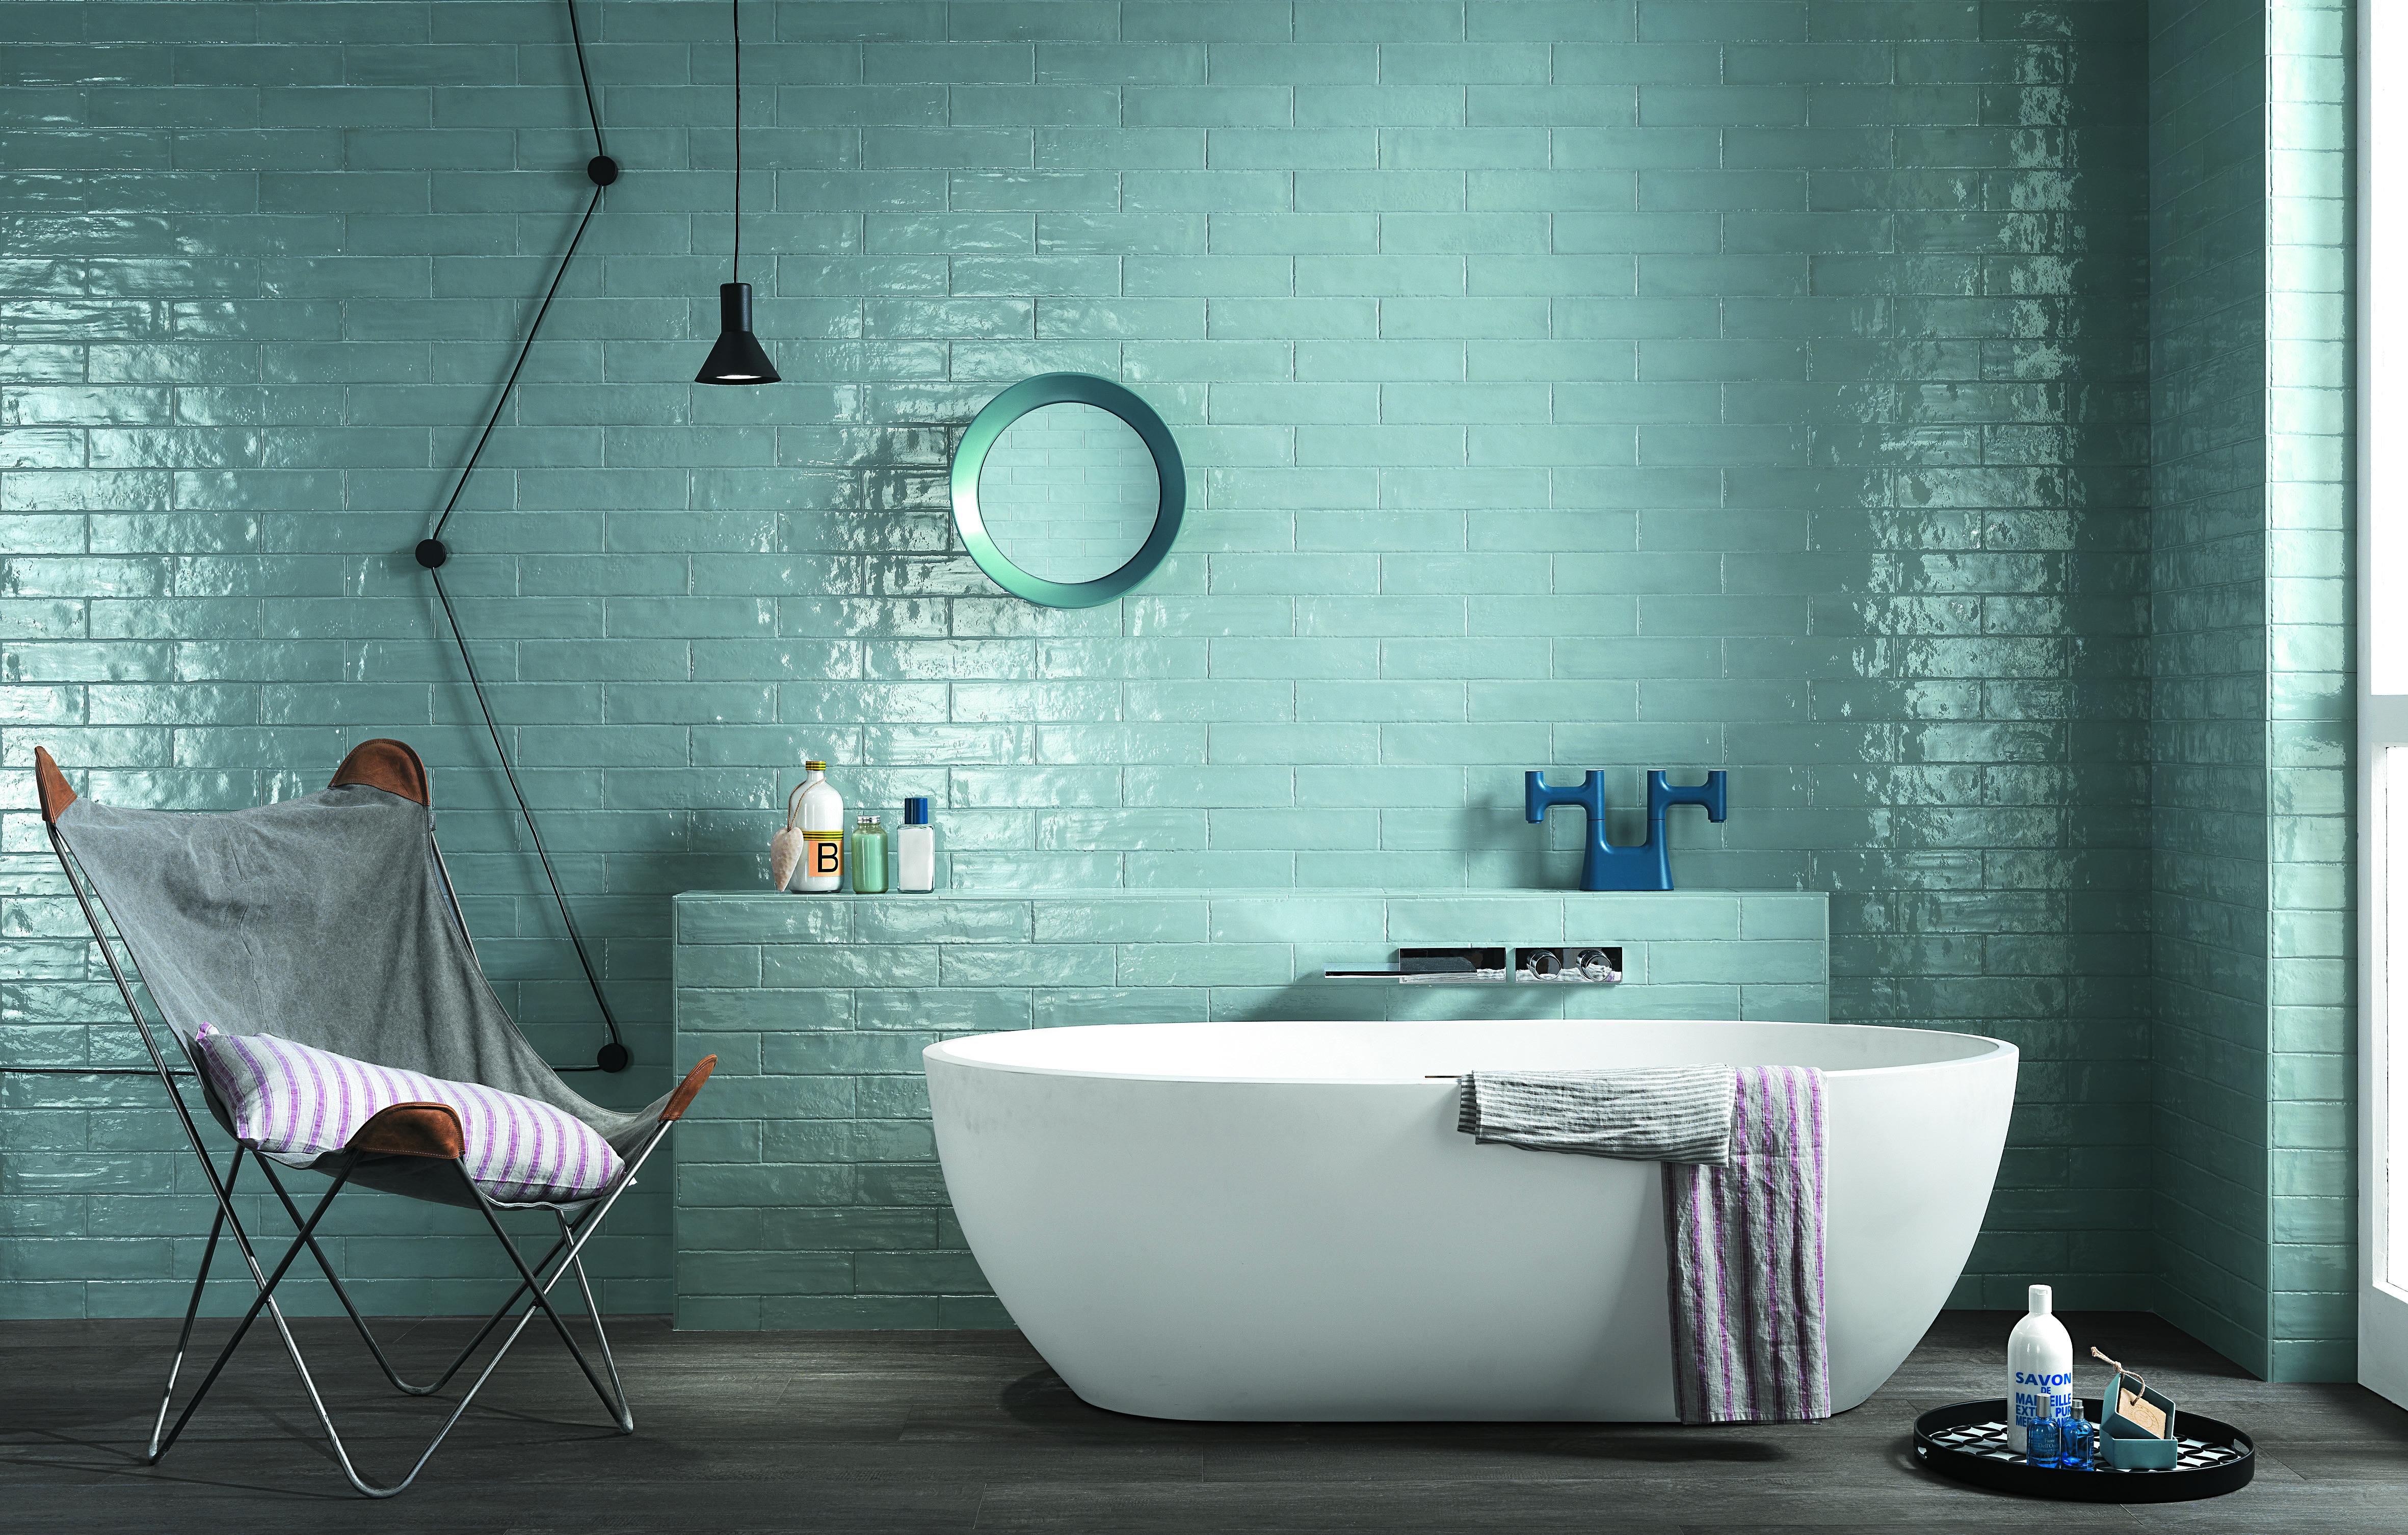 Carrelage Salle De Bain Bleu Turquoise 5 idées originales pour carreler la salle de bains | styles